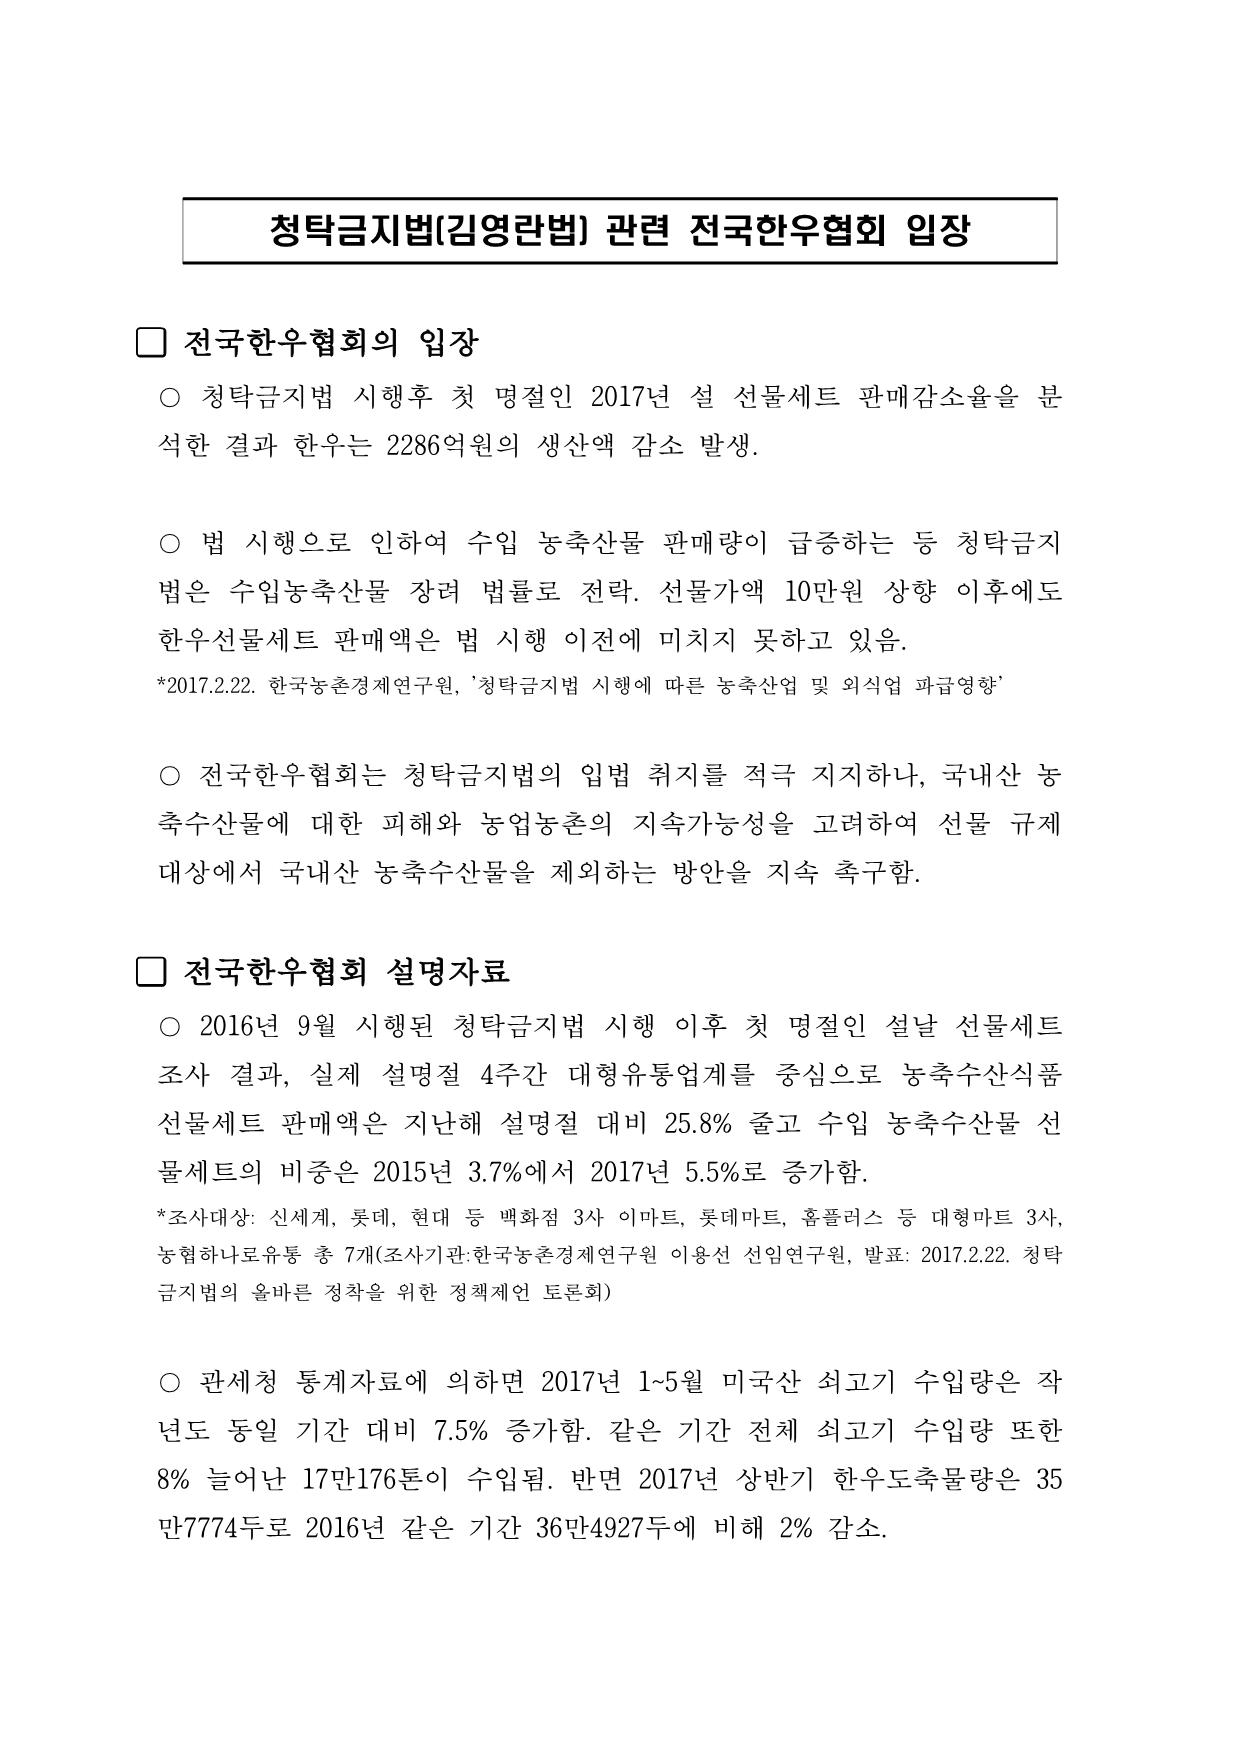 20190925 청탁금지법 관련 전국한우협회 입장_1.png